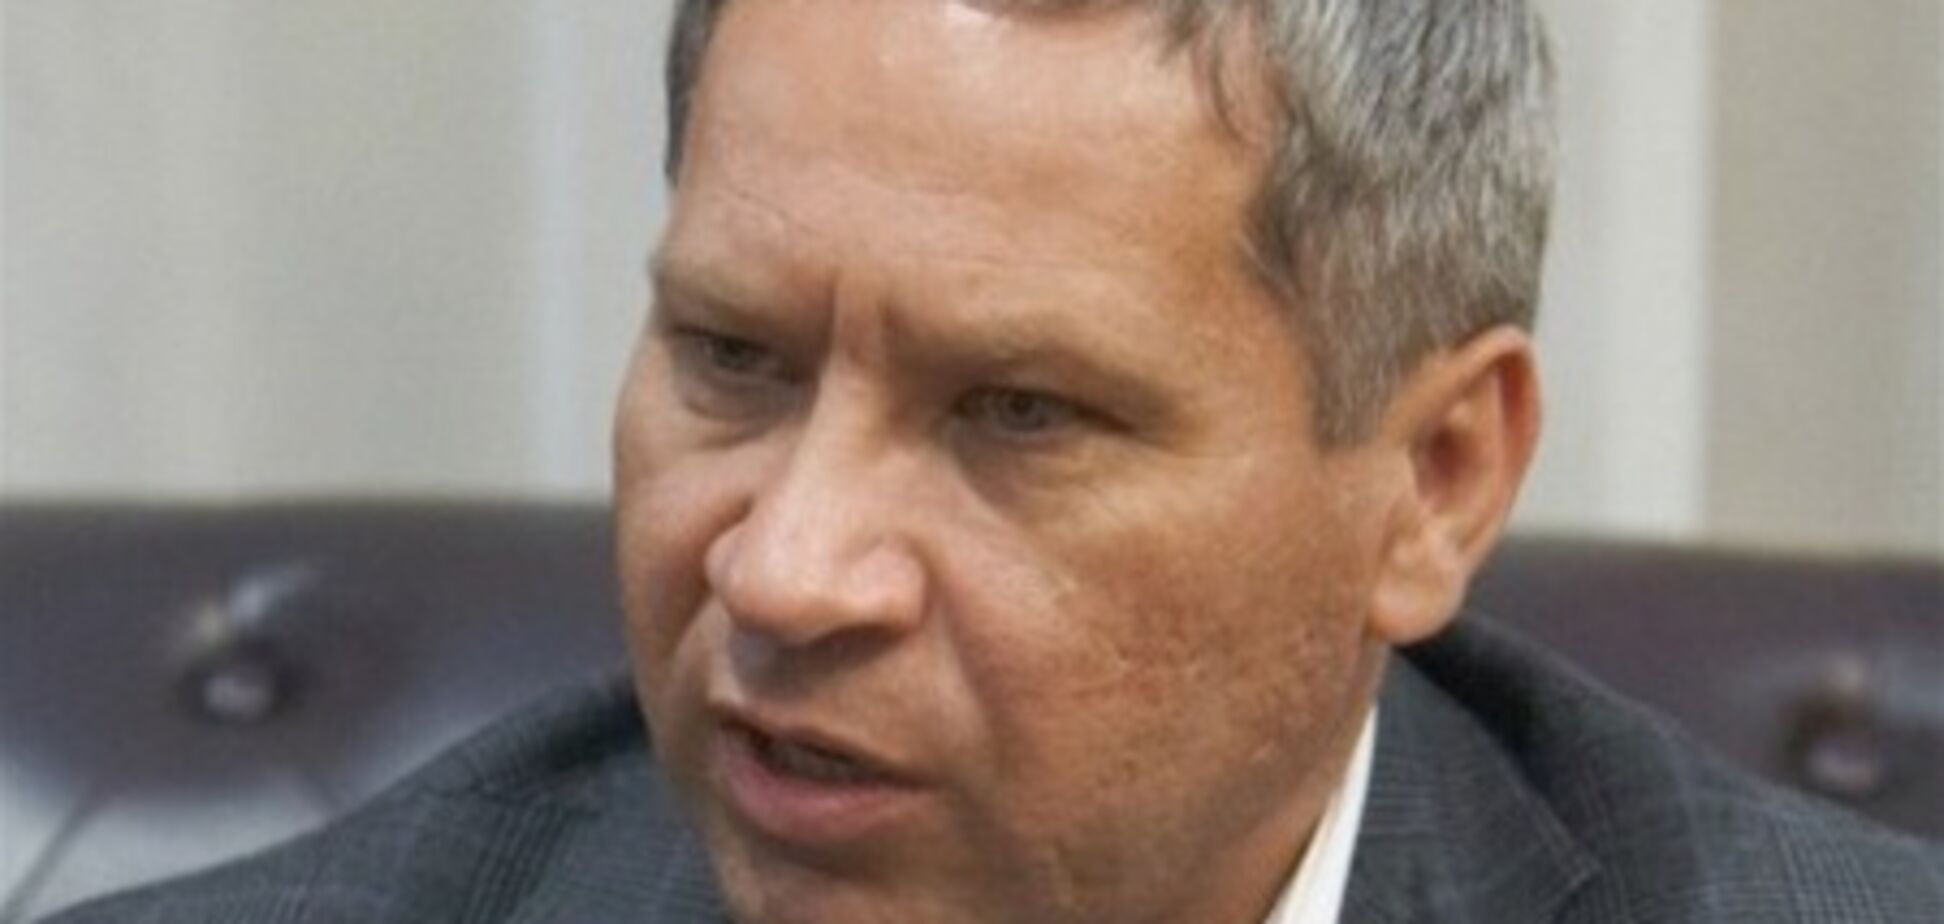 ПР: весь мир понимает, что Украина переплачивает за газ из-за Тимошенко